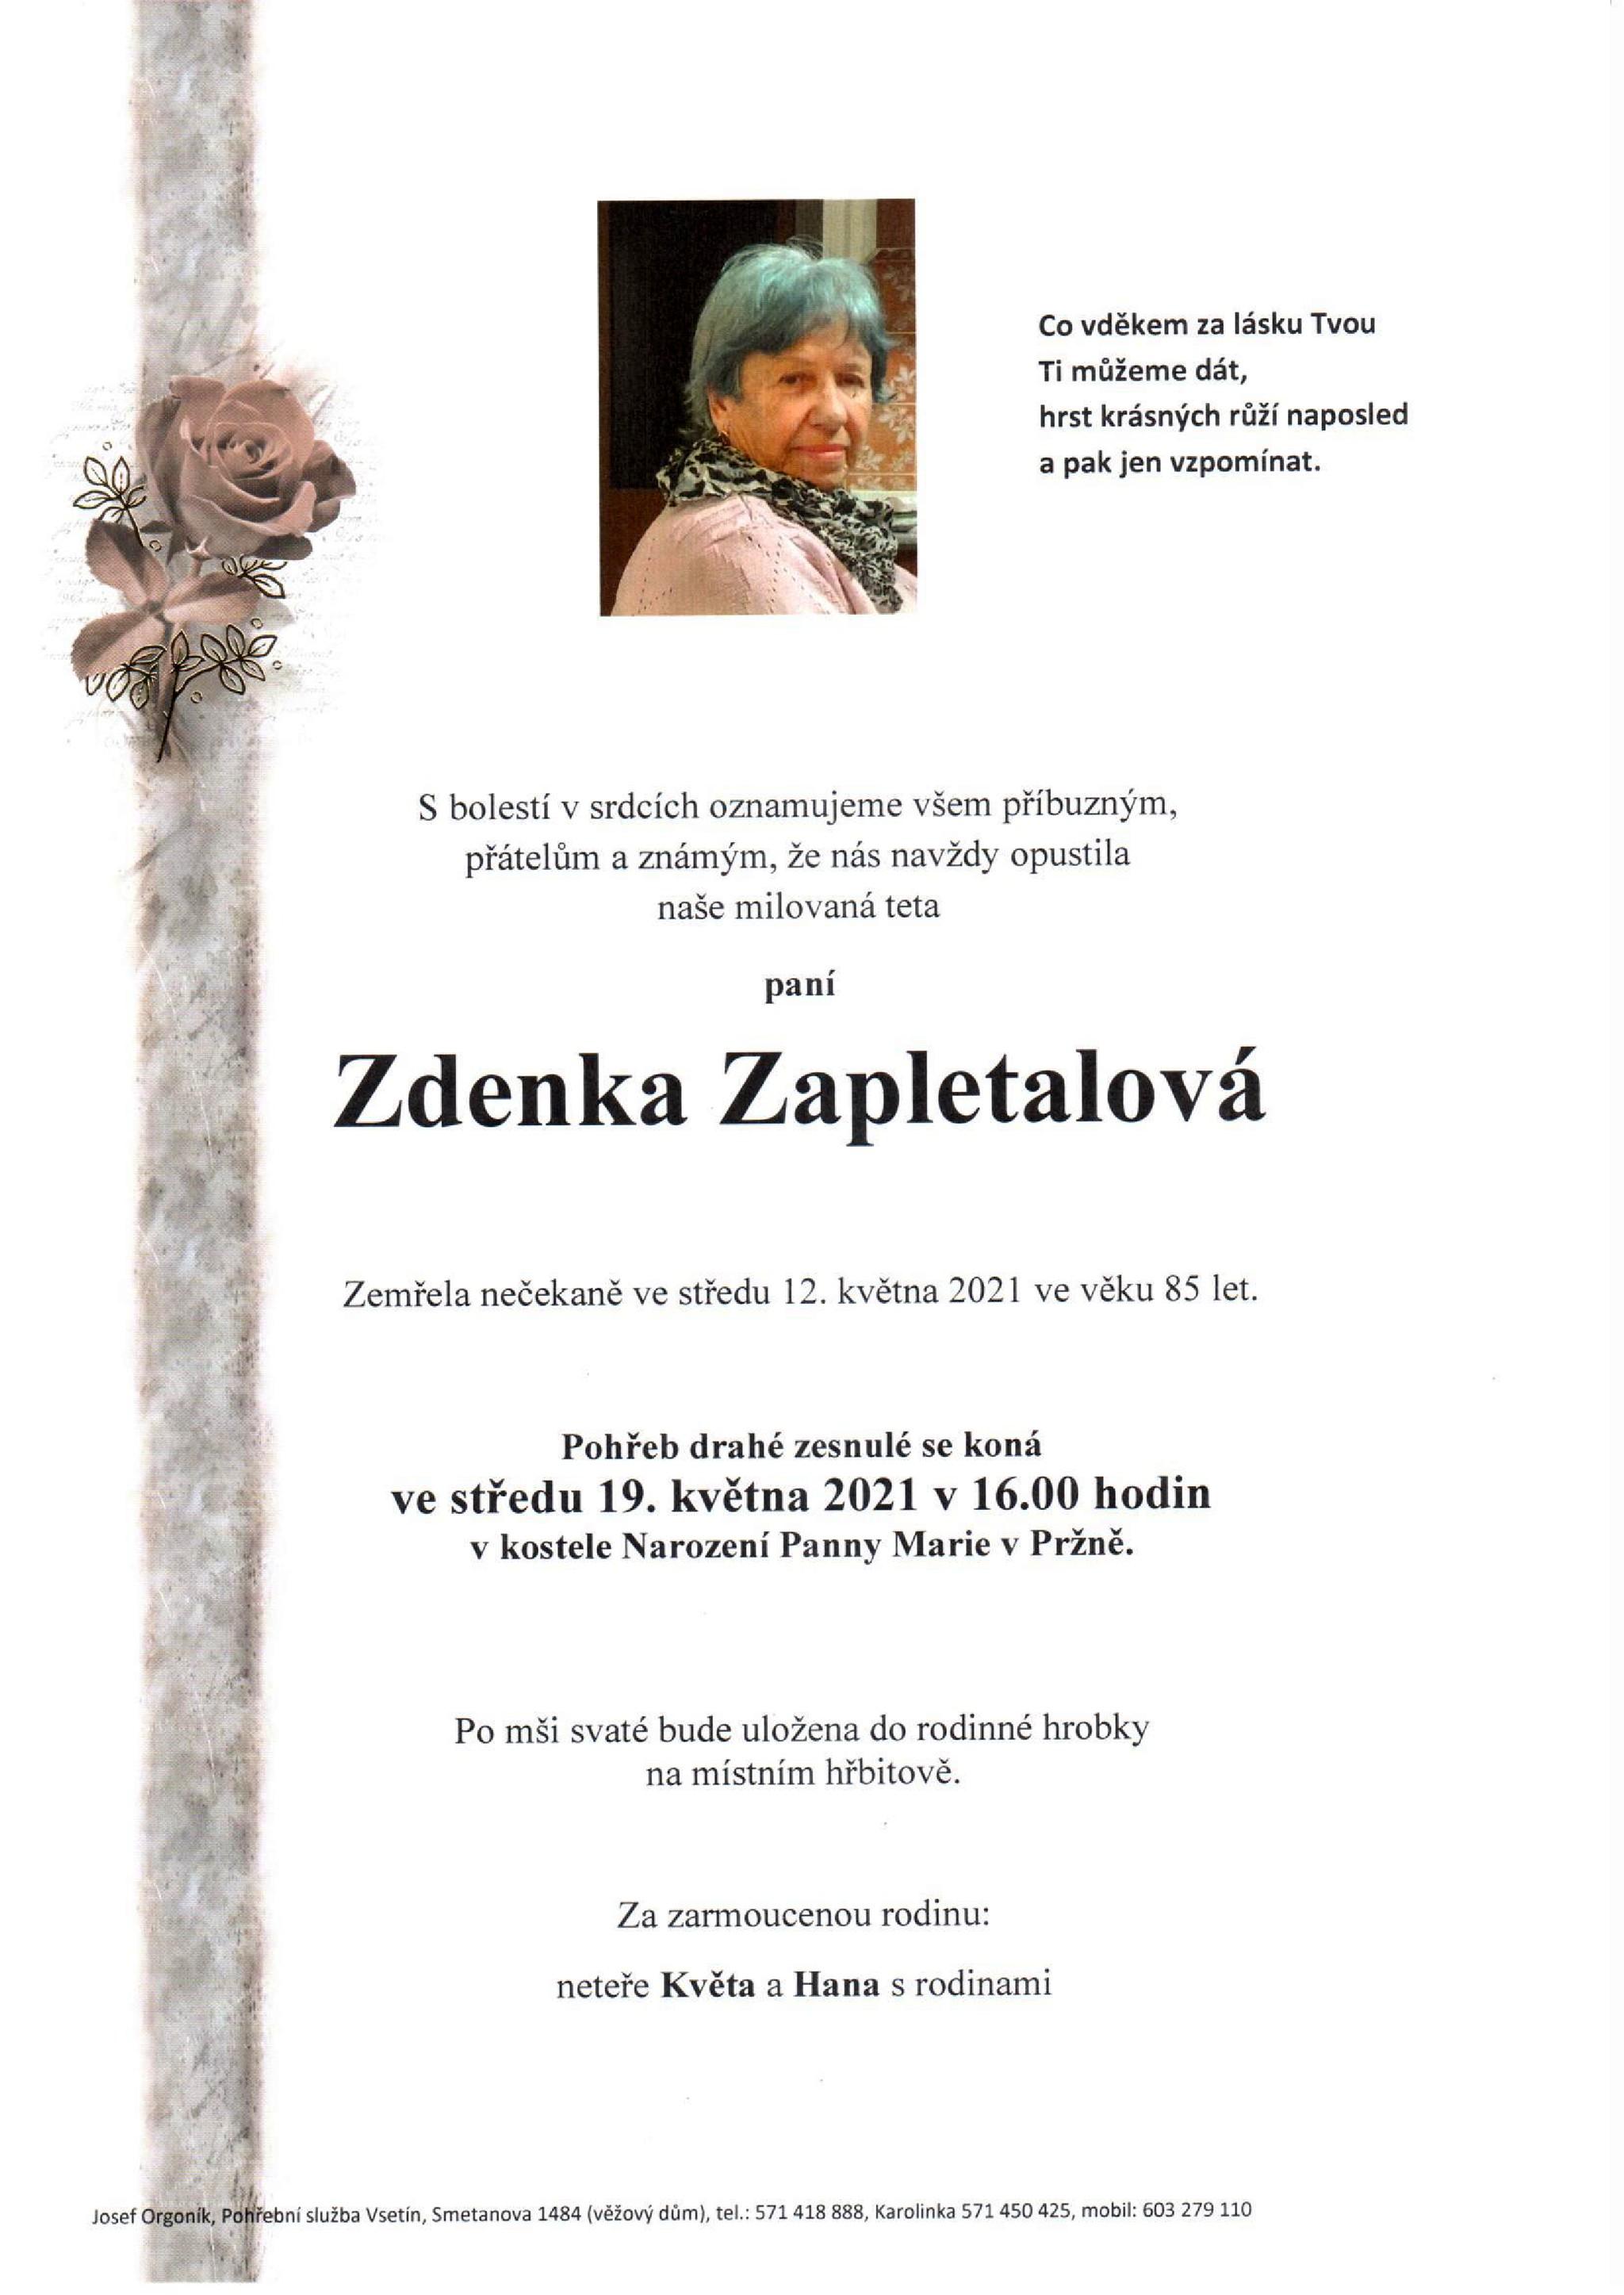 Zdenka Zapletalová